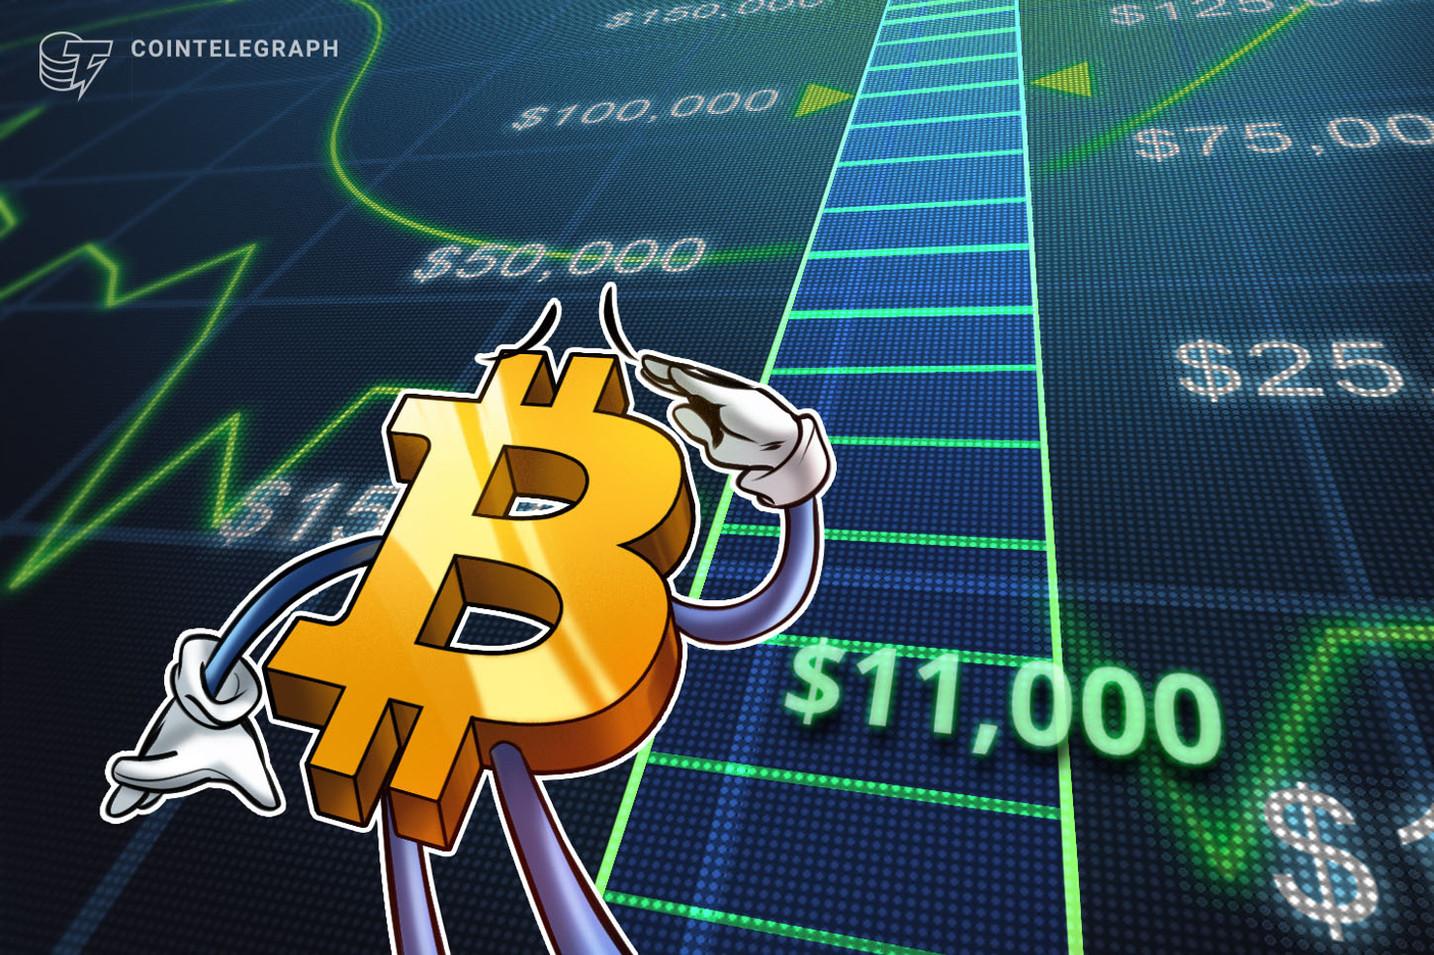 ビットコイン、強気継続には1万ドル以上の維持が重要に=仮想通貨アナリストのベイズ氏